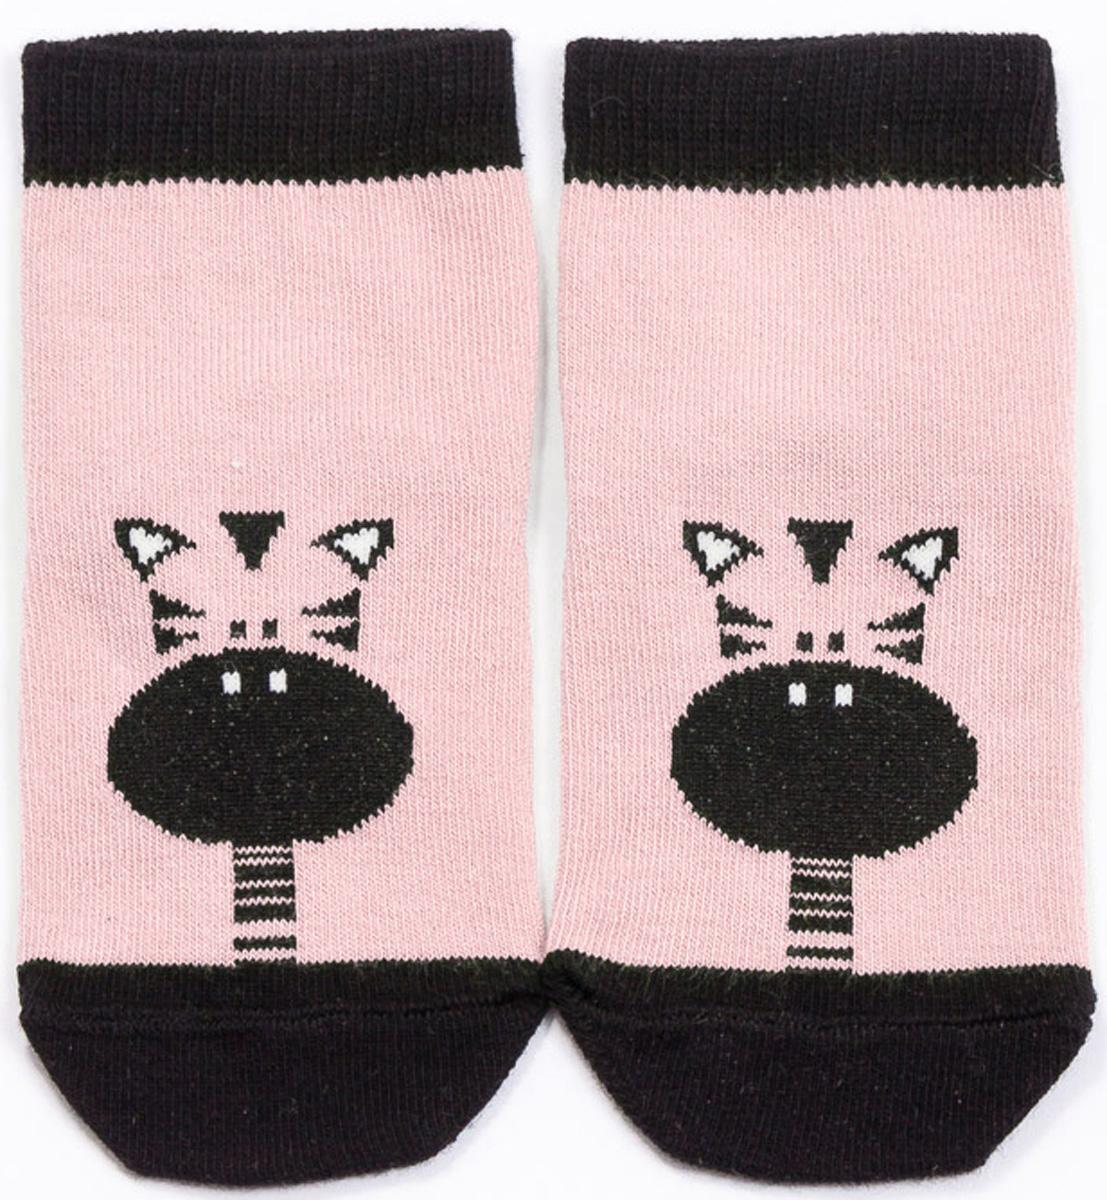 Носки детские Mark Formelle, цвет: светло-розовый. 400K-461_B3-6400K. Размер 28/30400K-461_B3-6400K